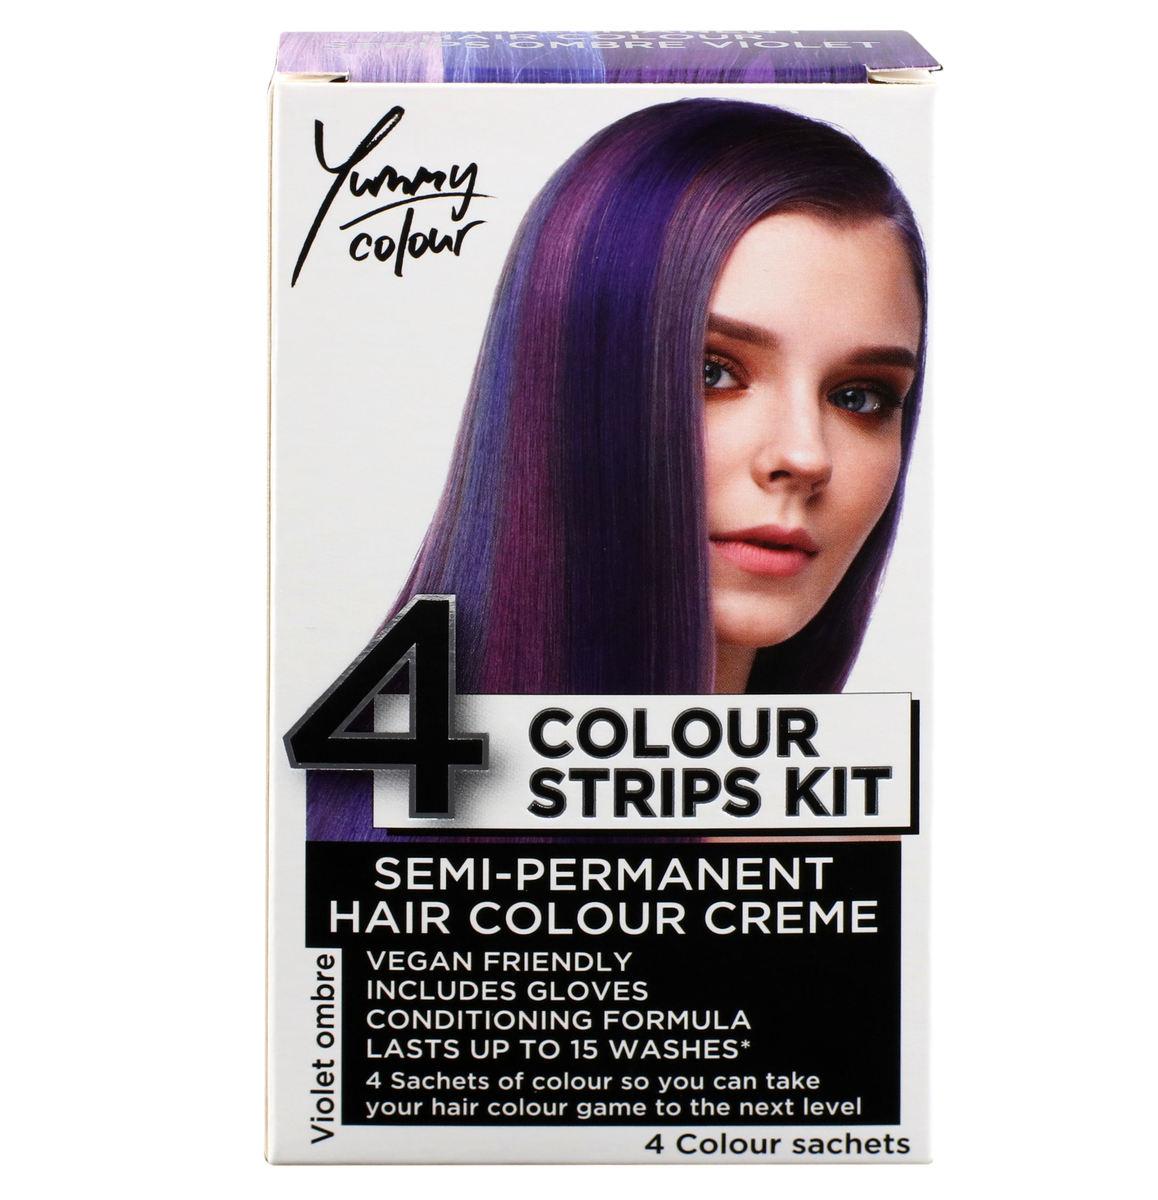 farba na vlasy STAR GAZER - Yummy Colour 4 Color Strips Kit - viol - SGS234Ombr